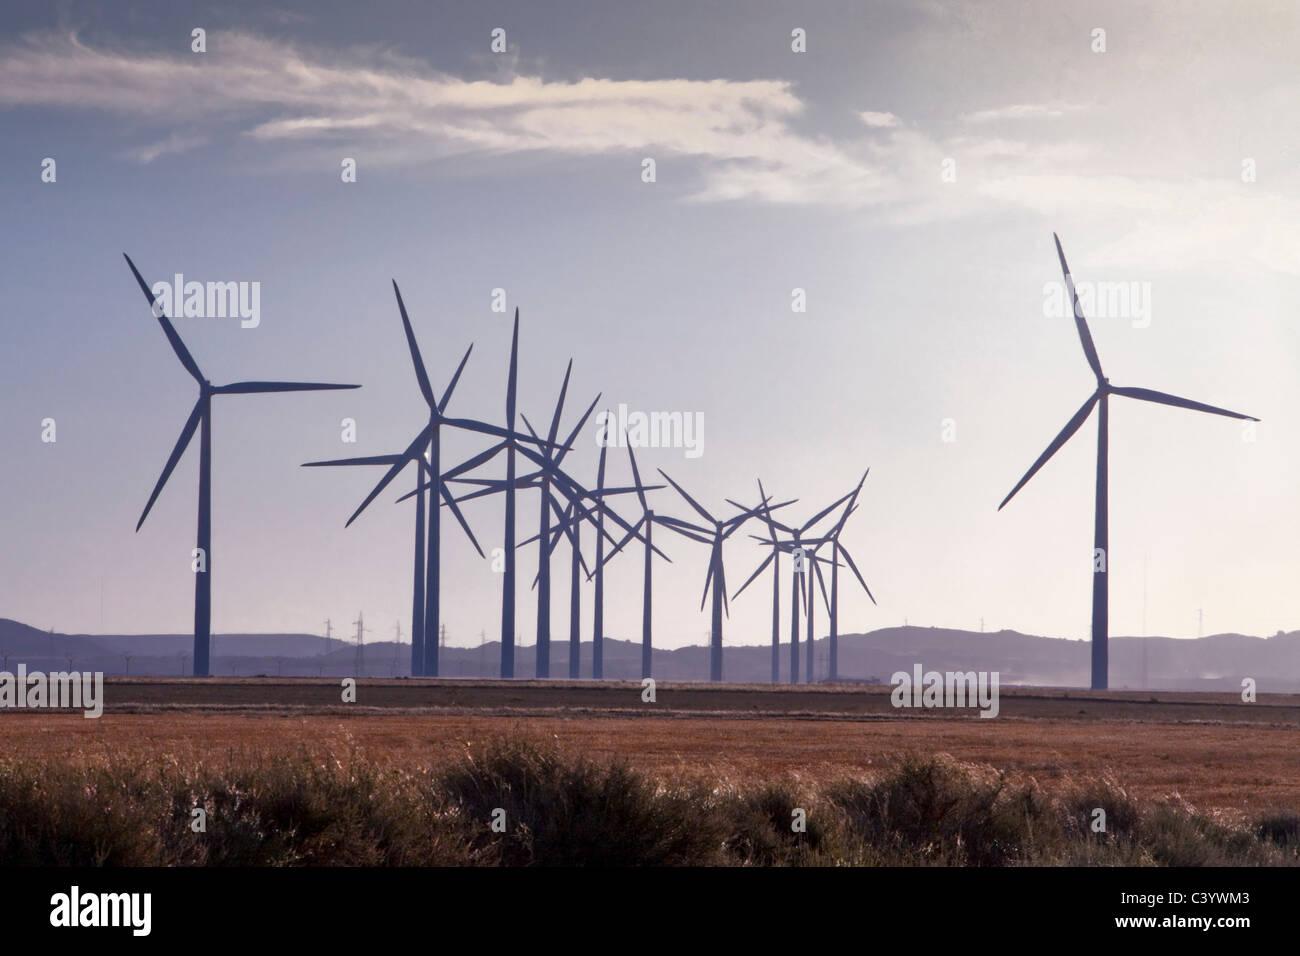 España, Europa, Aragón, parque eólico, la energía eólica, turbinas eólicas, energía, Imagen De Stock